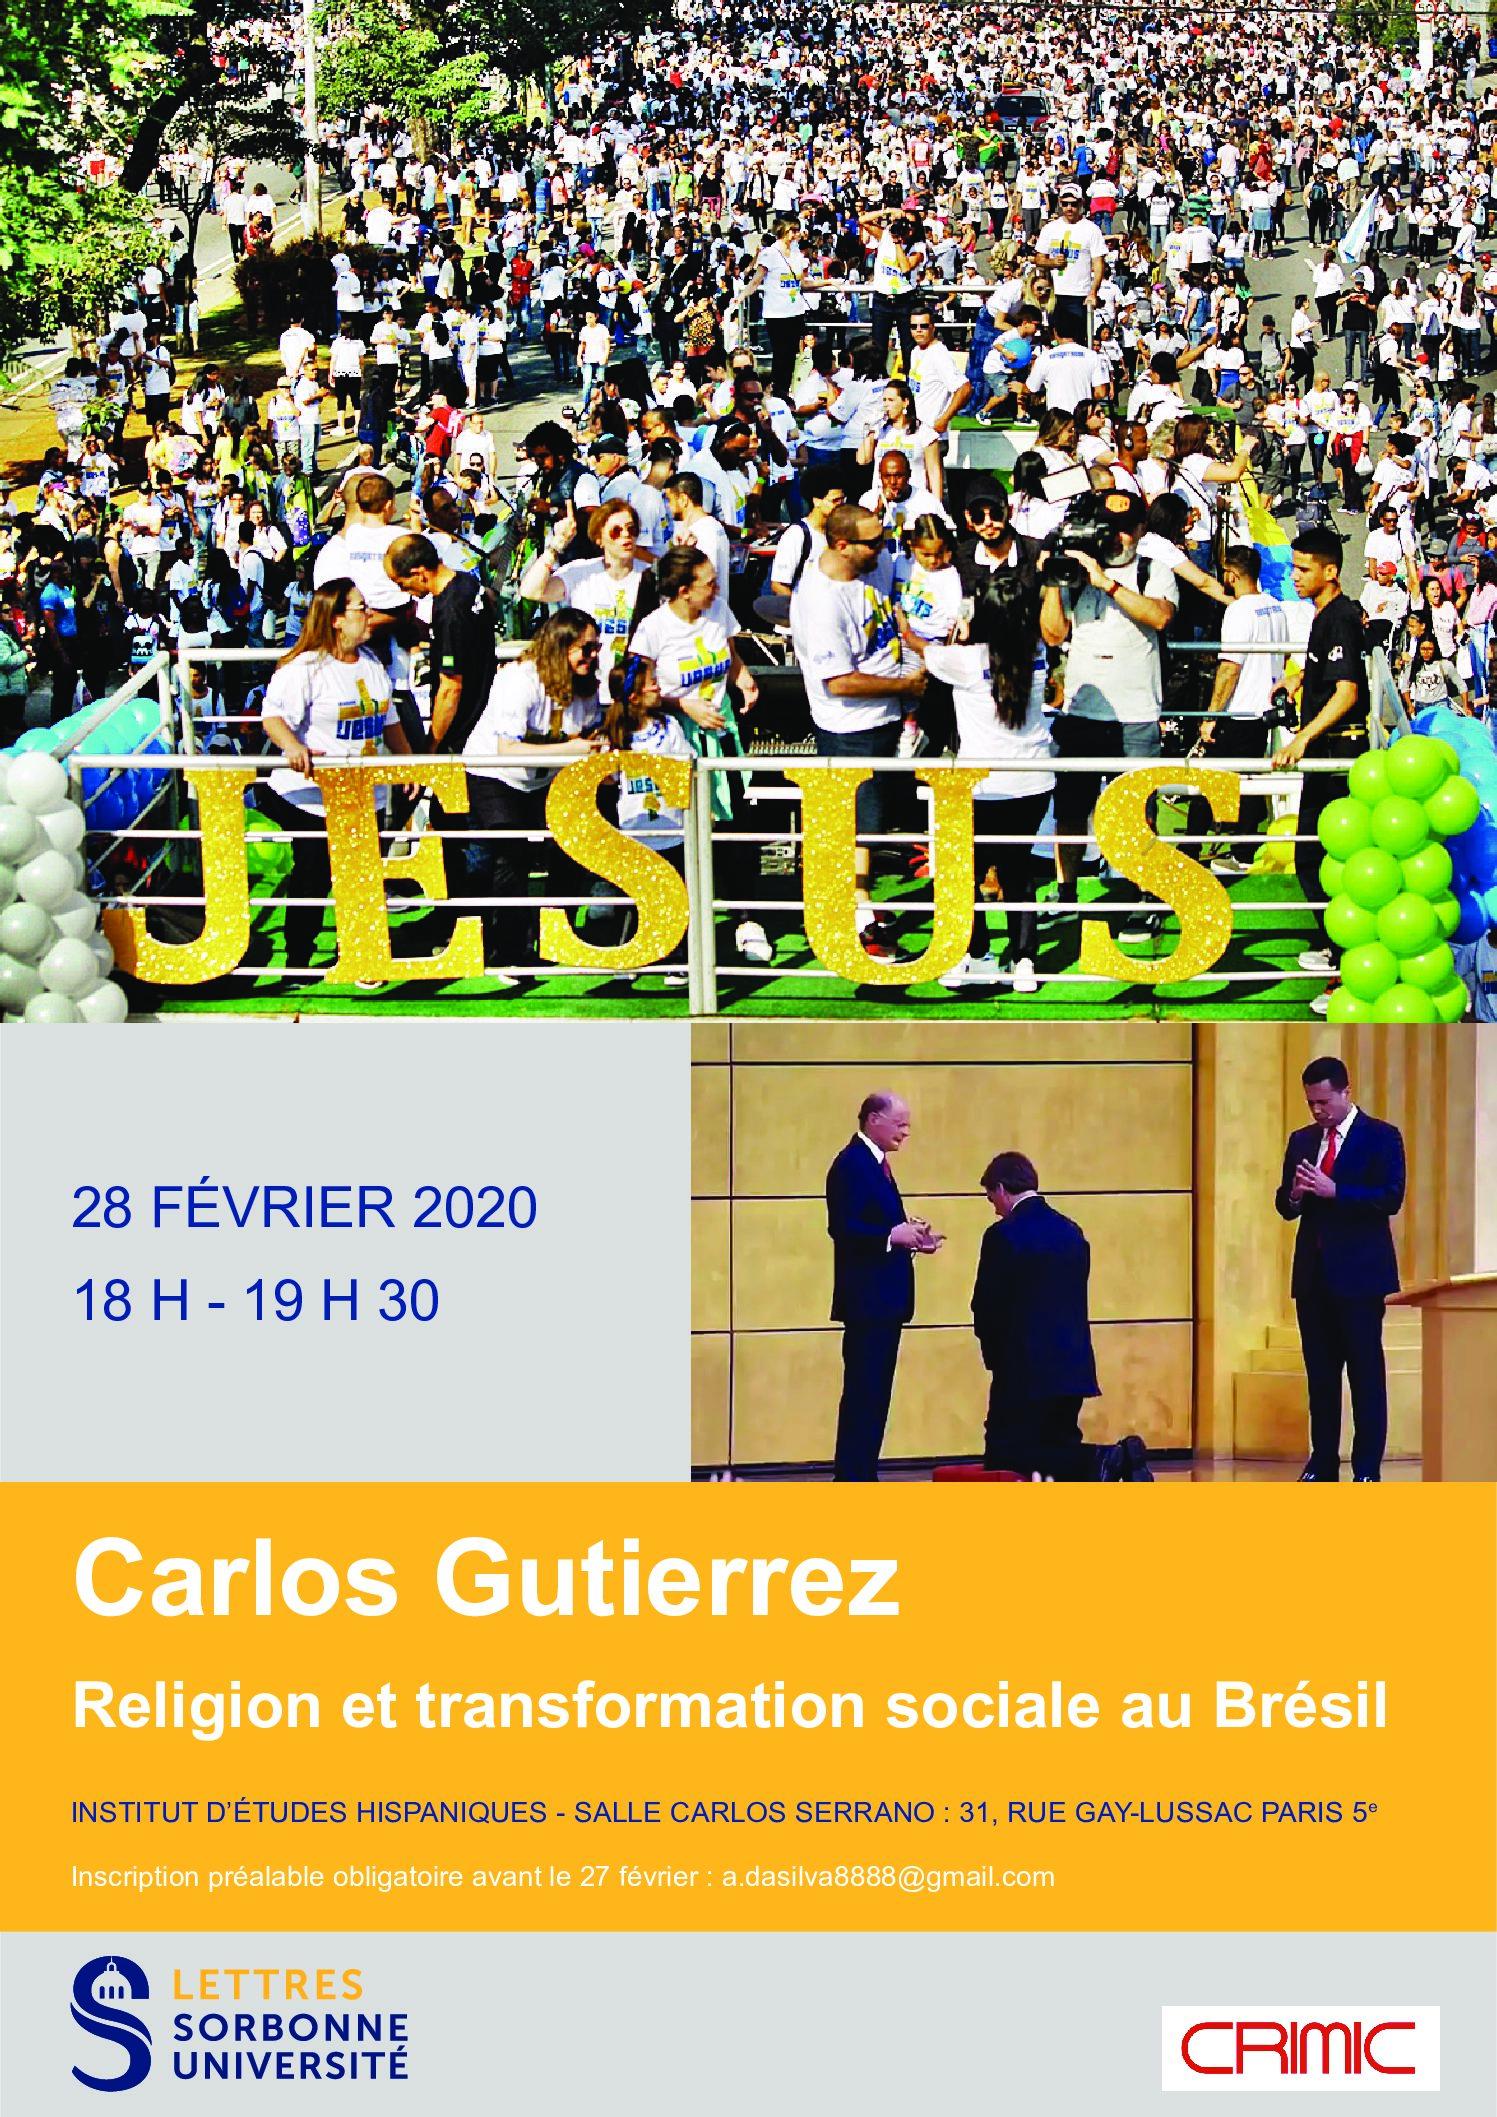 Religion et transformation sociale au Brésil